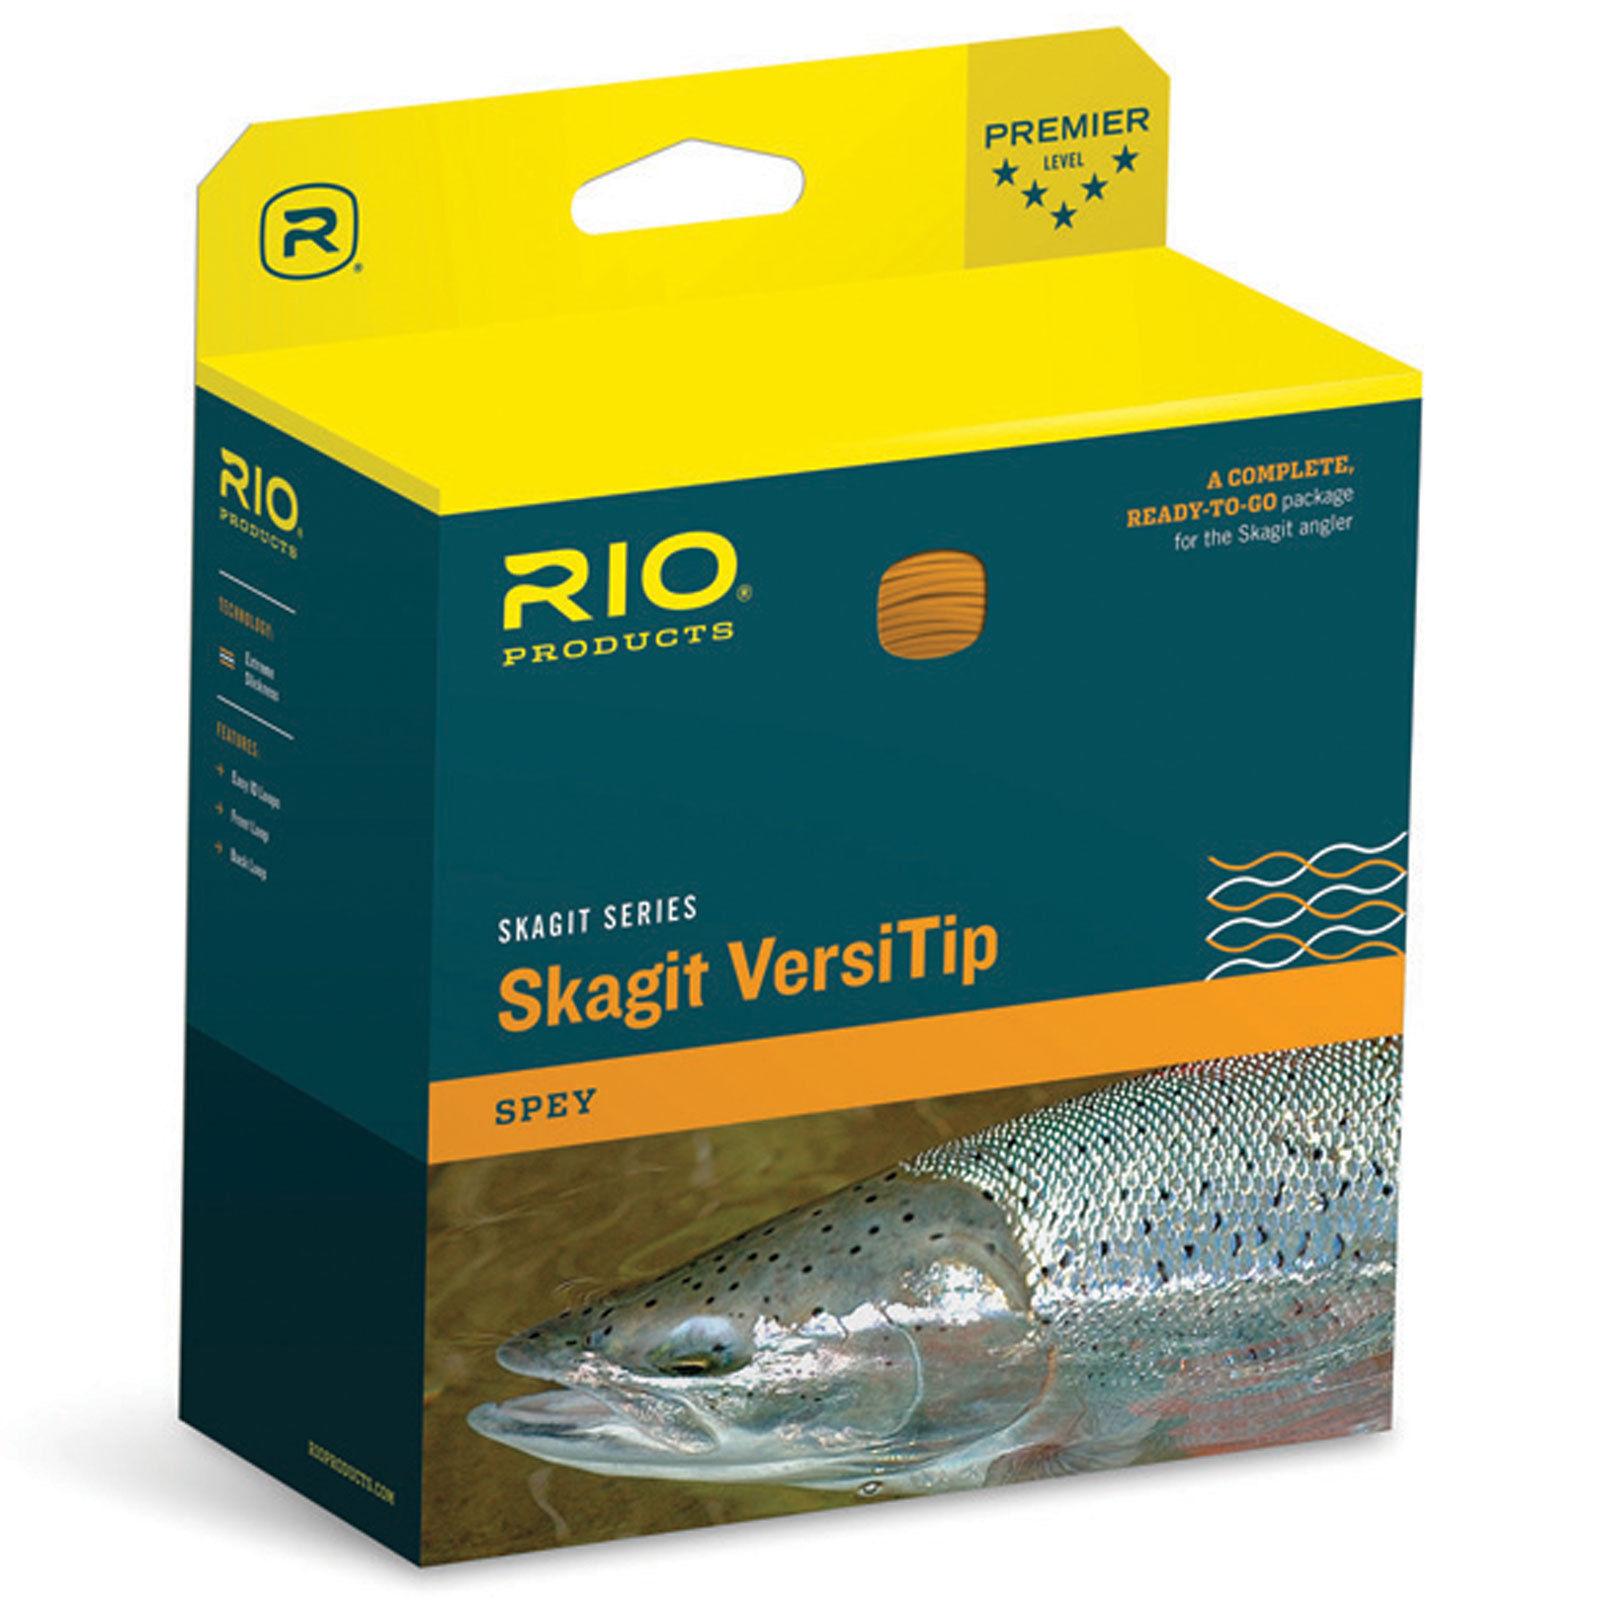 RIO NEW SKAGIT MAX SHORT VERSITIP 475GR SPEY ROD SHOOTING FLY LINE, HEAD, TIPS